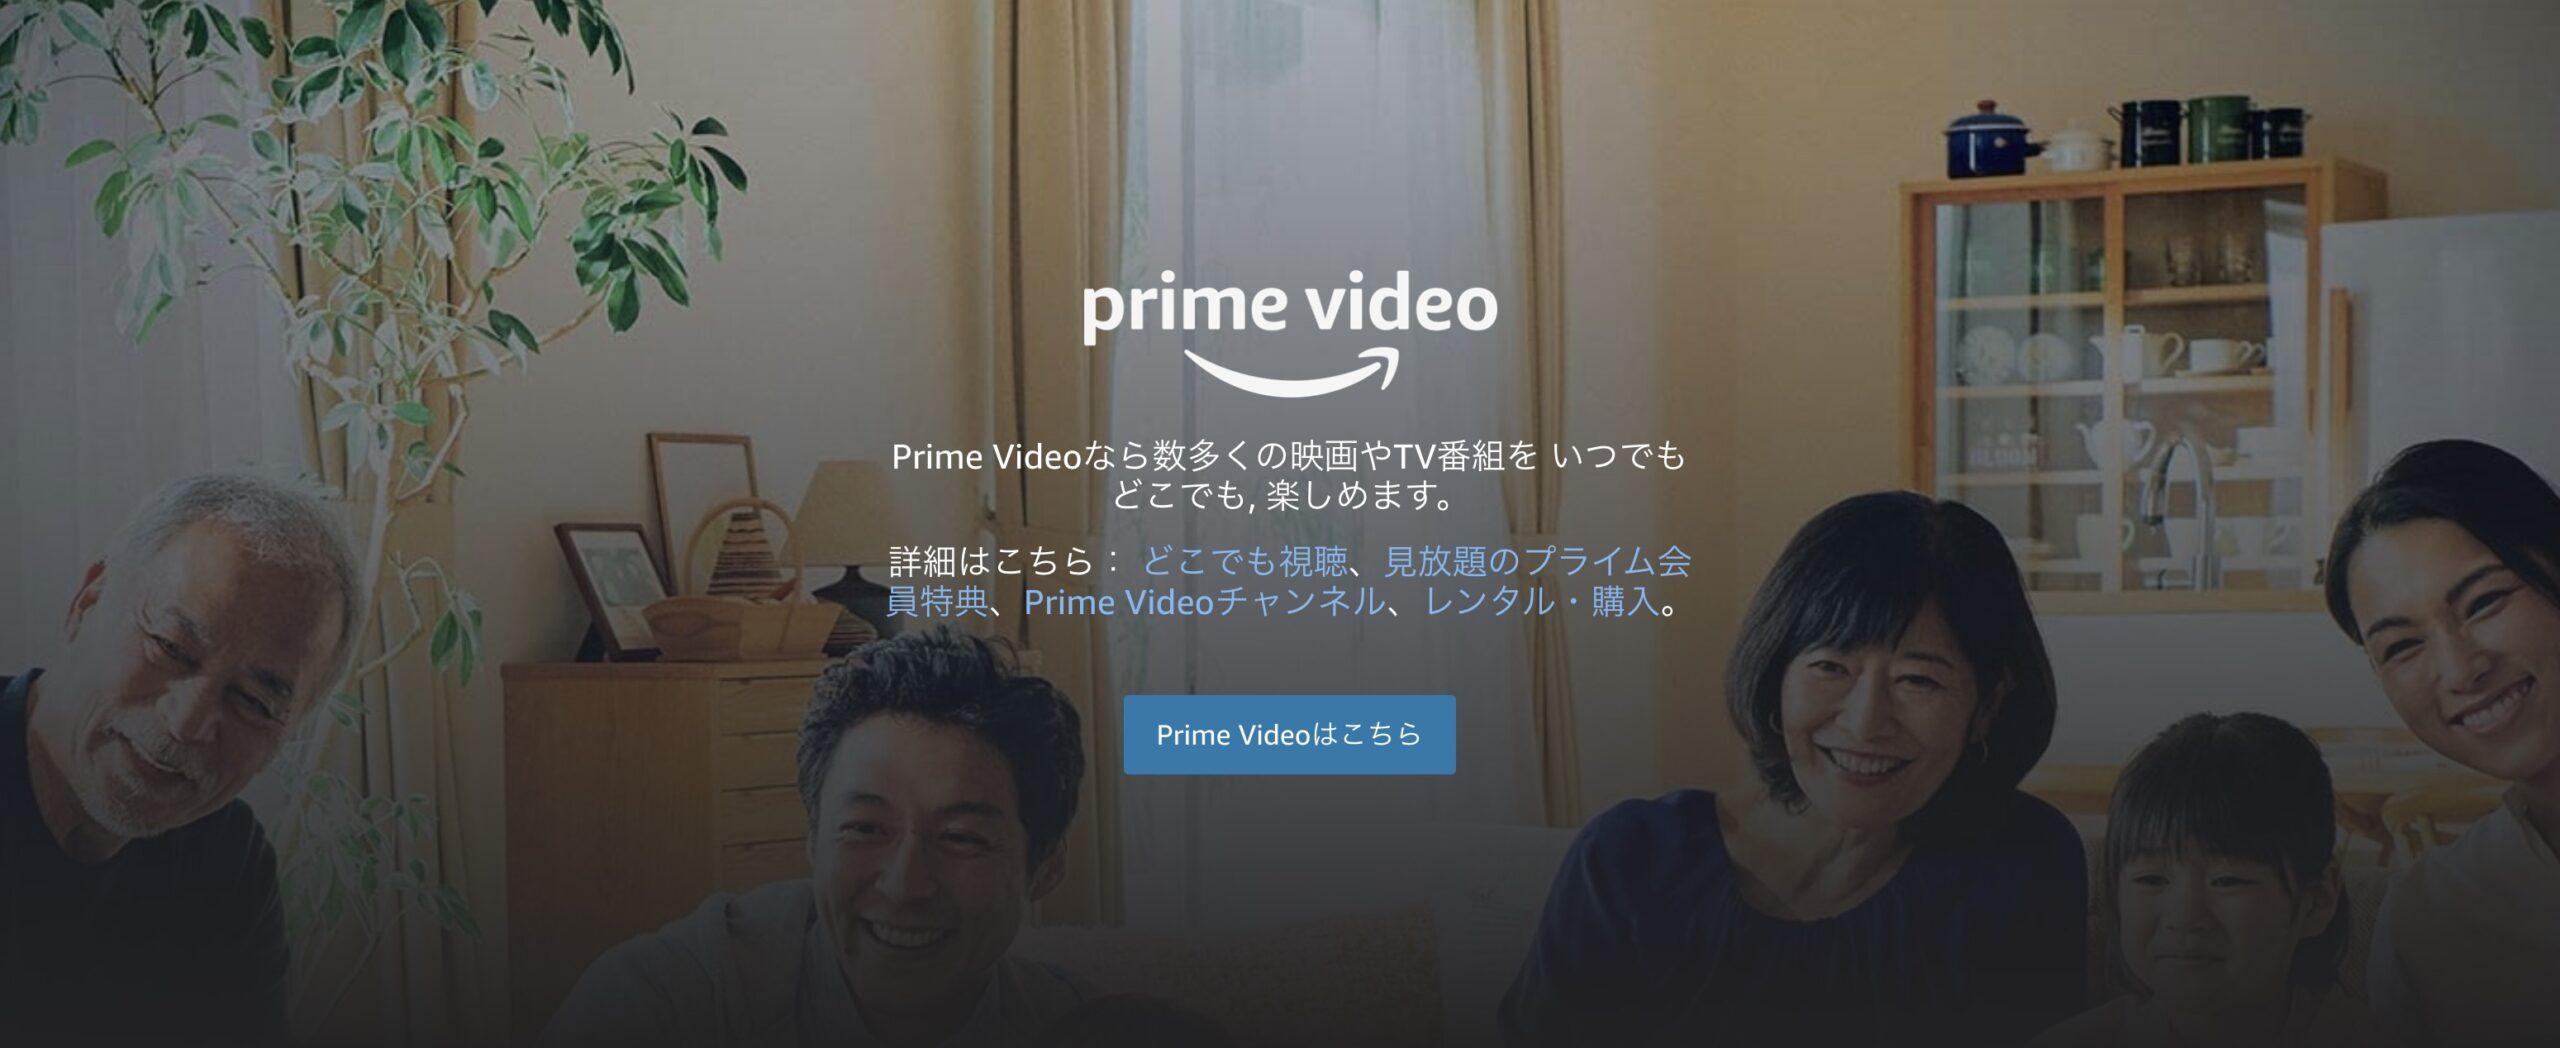 Amazonプライムビデオを実際に使って感じた24個のメリット・デメリット